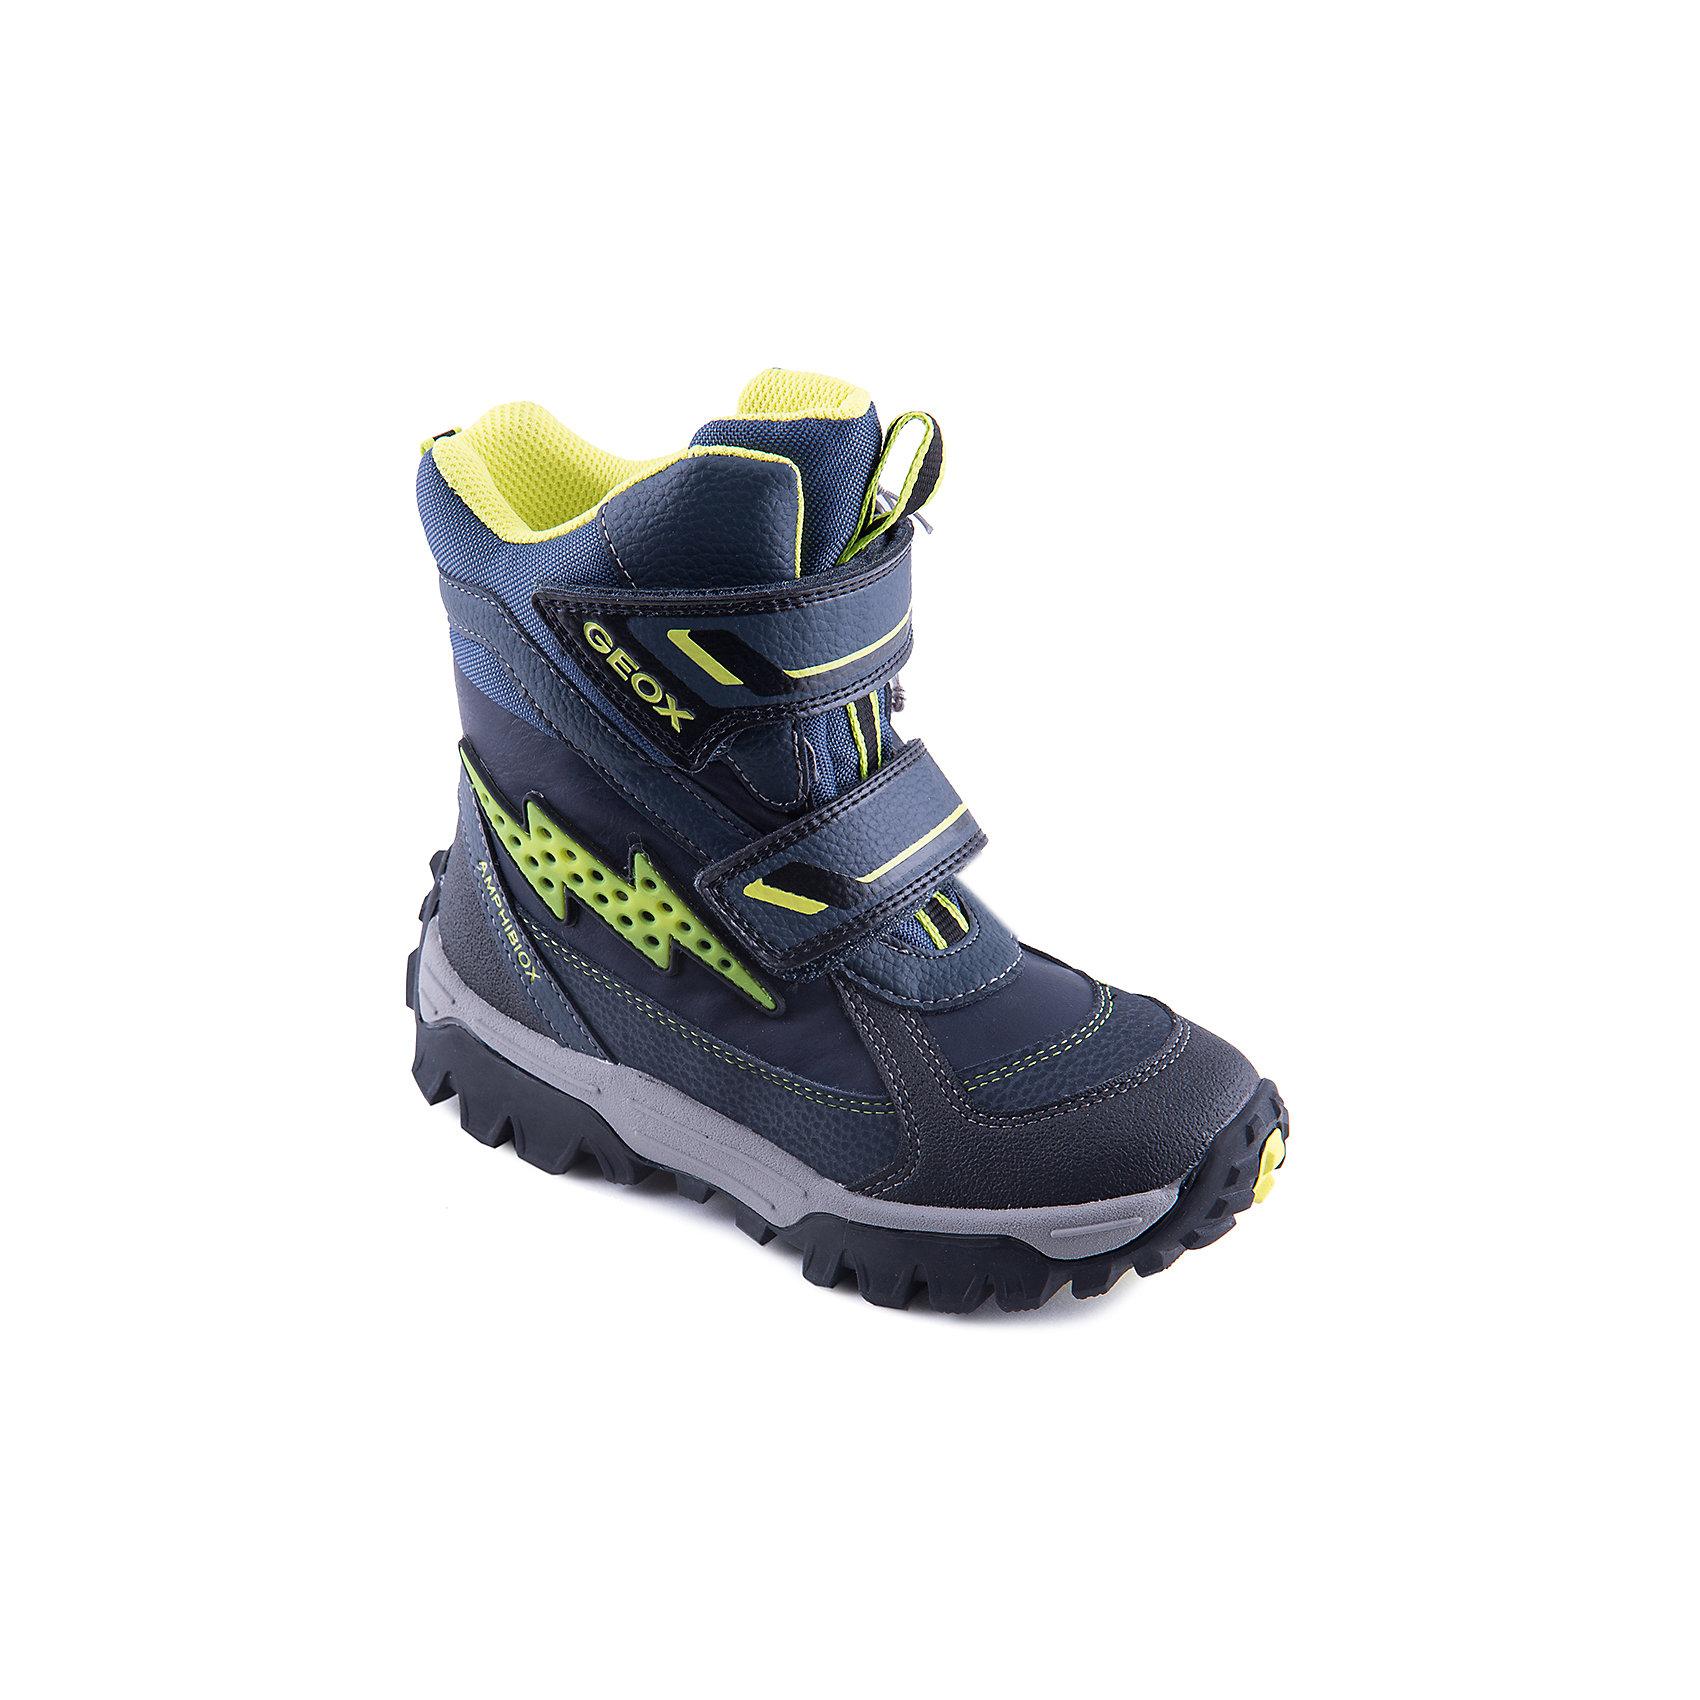 GEOX Полусапожки для мальчика GEOX geox ботинки для мальчика geox